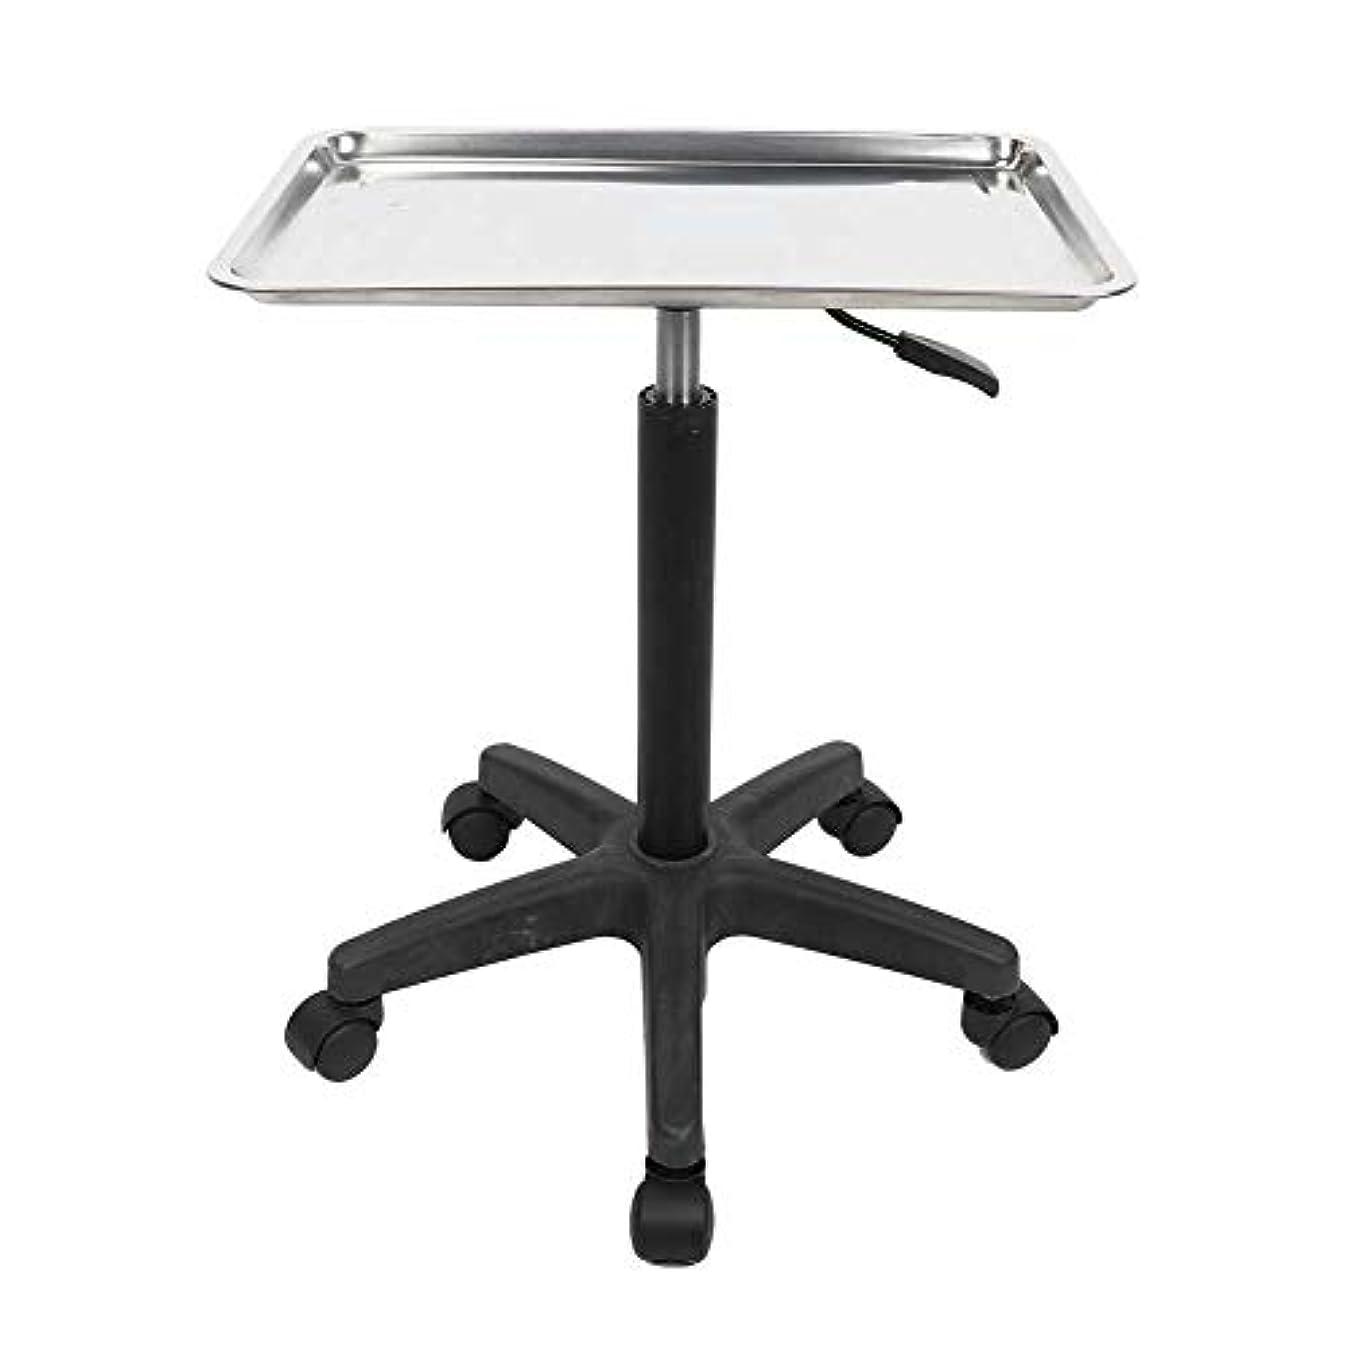 欠席責め高度美容院の芸術のための多機能の調節可能なステンレス鋼の皿のトロリー(トレイ)